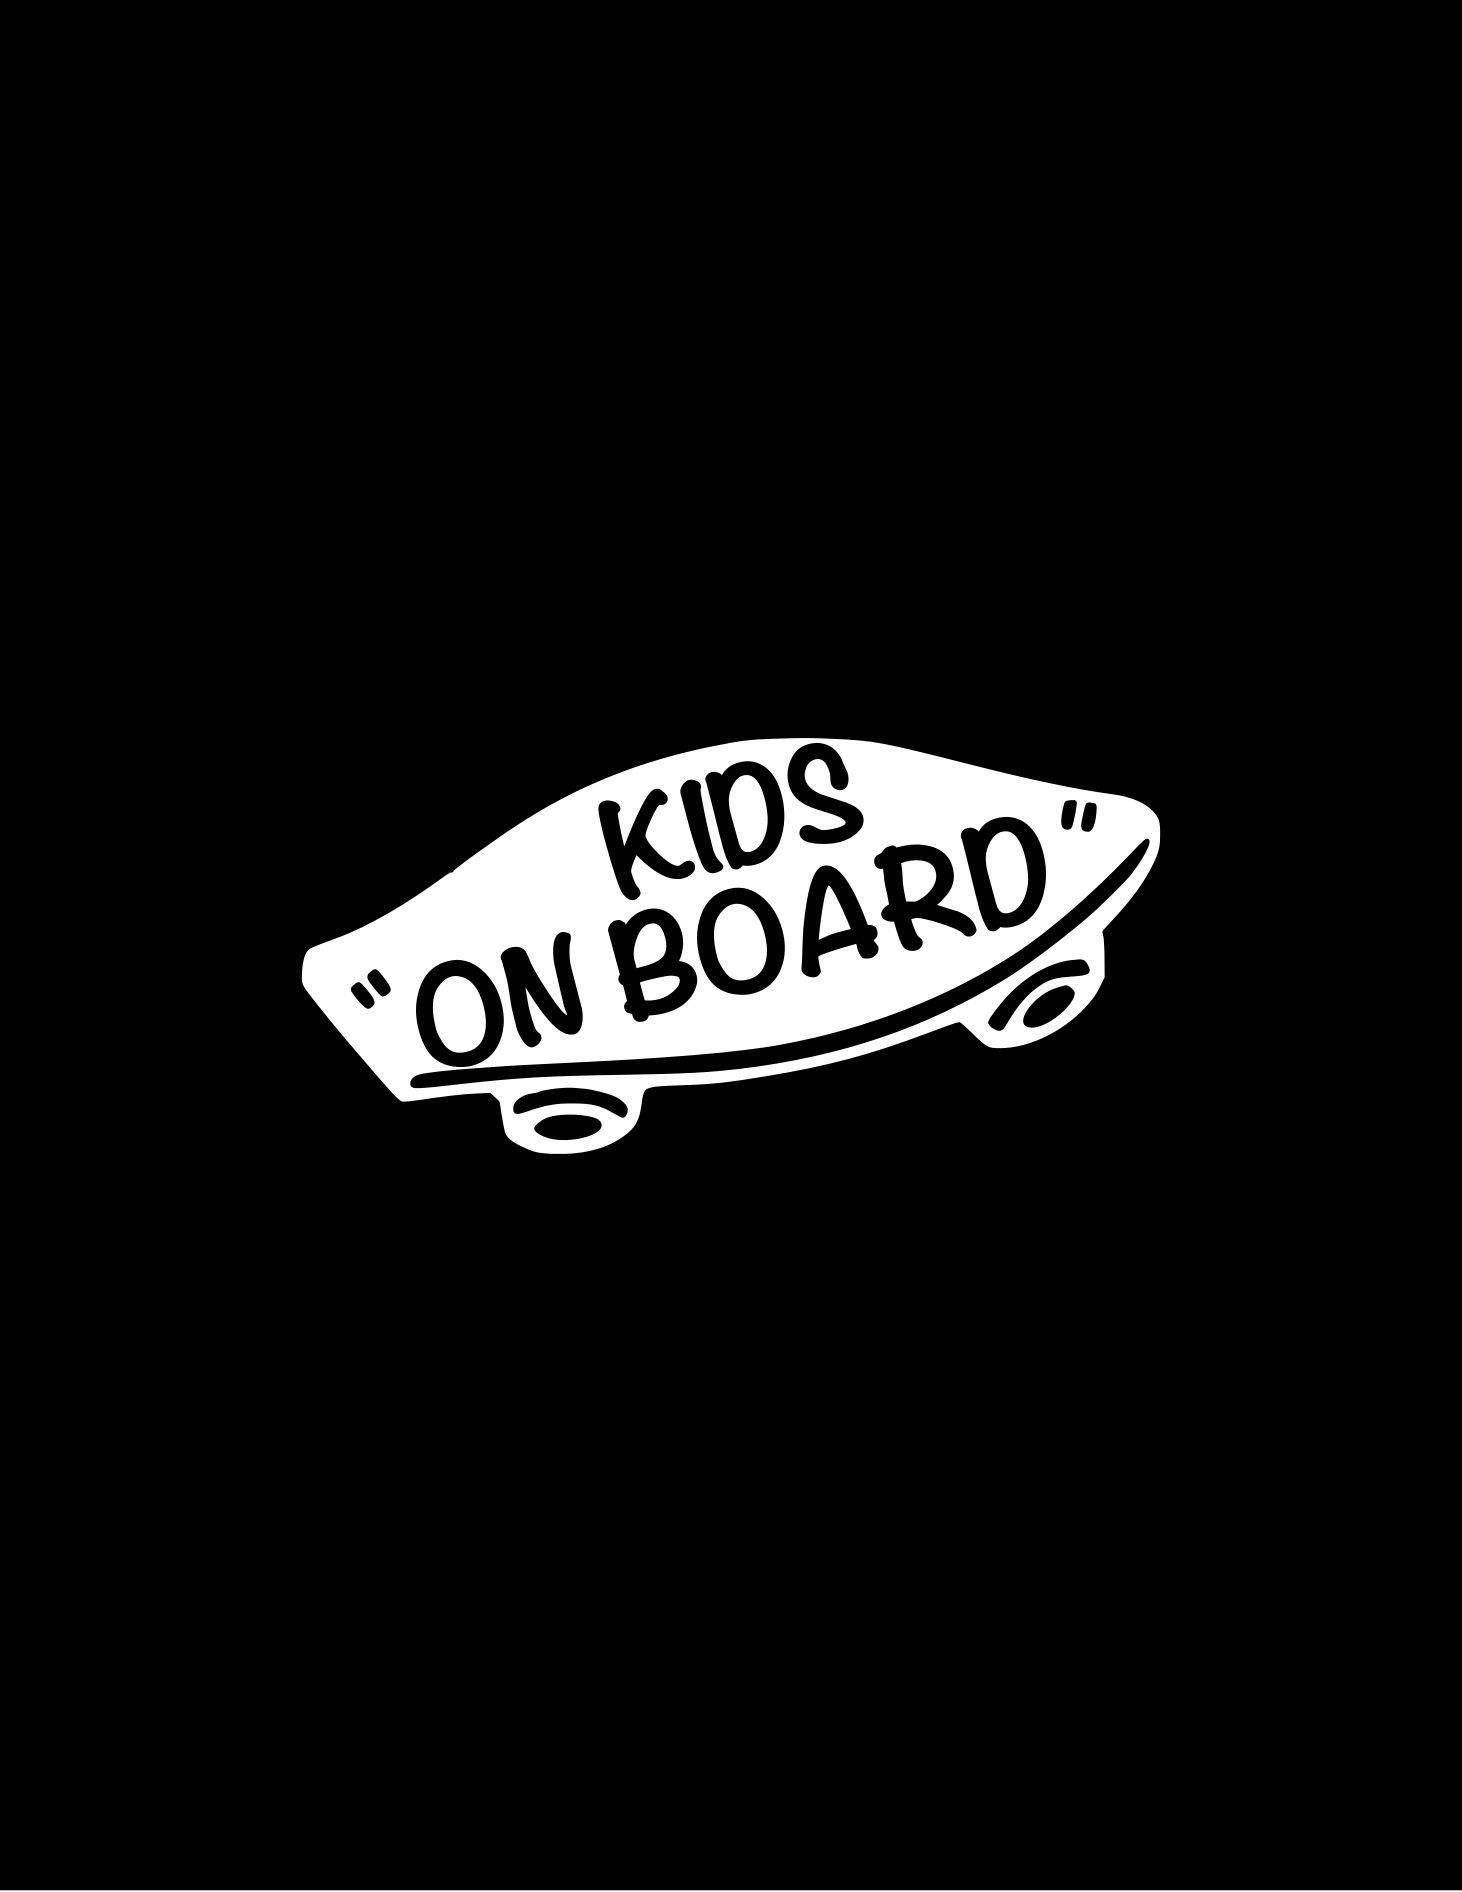 Kids On Board Skateboarding Decal Kids On Boards Skateboard Sticker Baby On Board Skateboarding Kids Car Decal Kids Skateboard Stickers Bumper Stickers Decals [ 1892 x 1462 Pixel ]